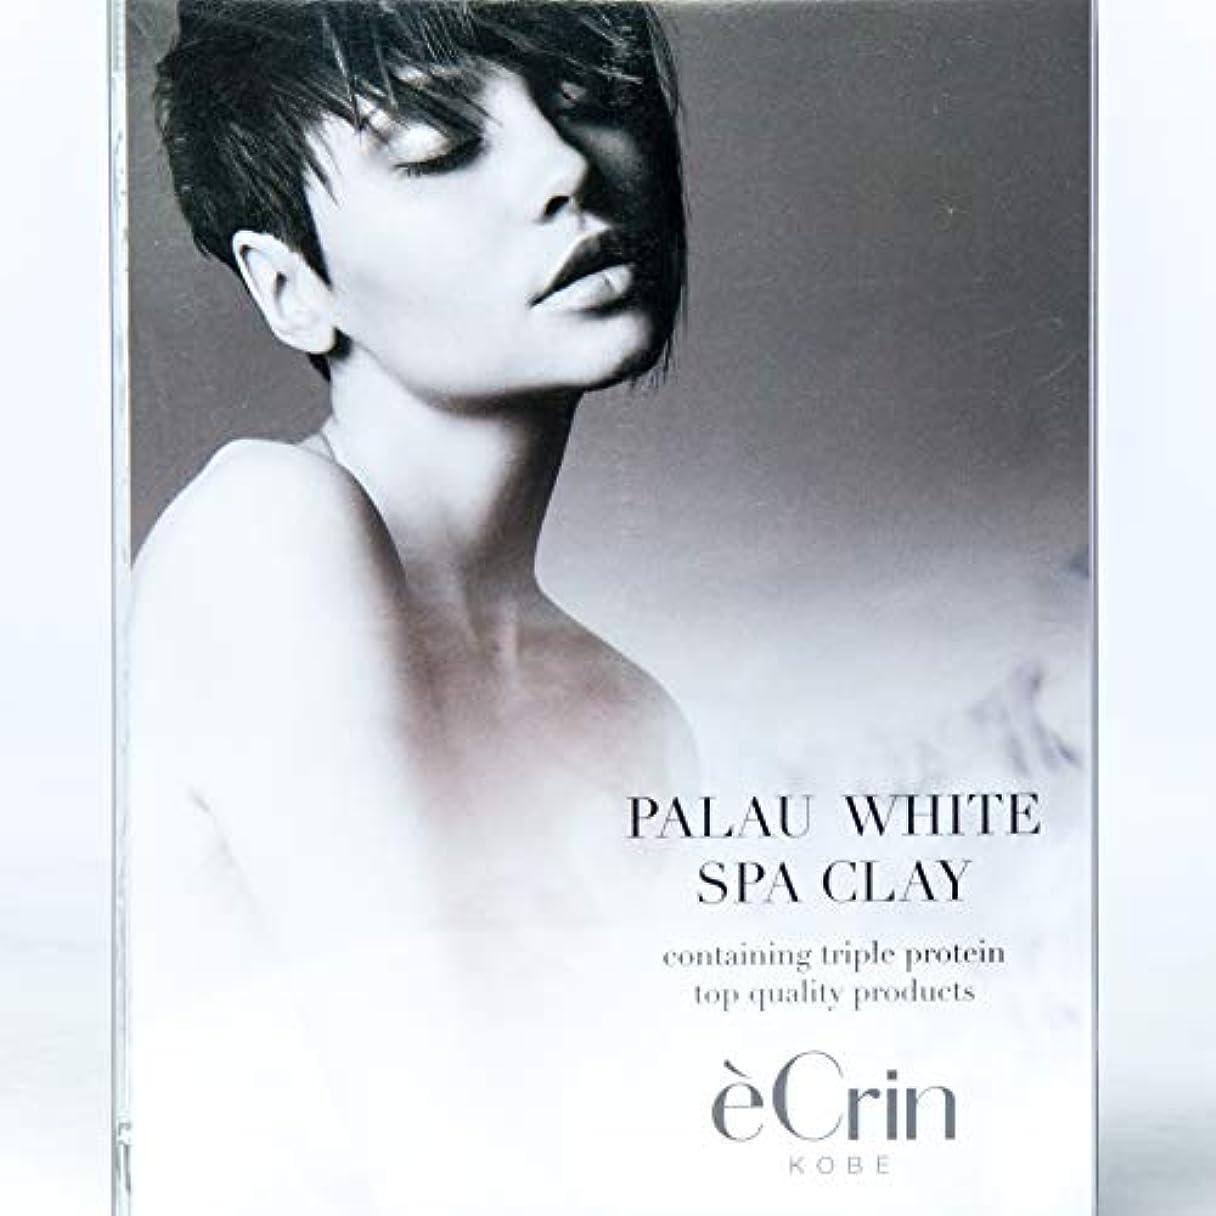 クリスチャン赤赤字パラオホワイト スパクレイ 入浴用化粧料 ノンシリコン 50g5包